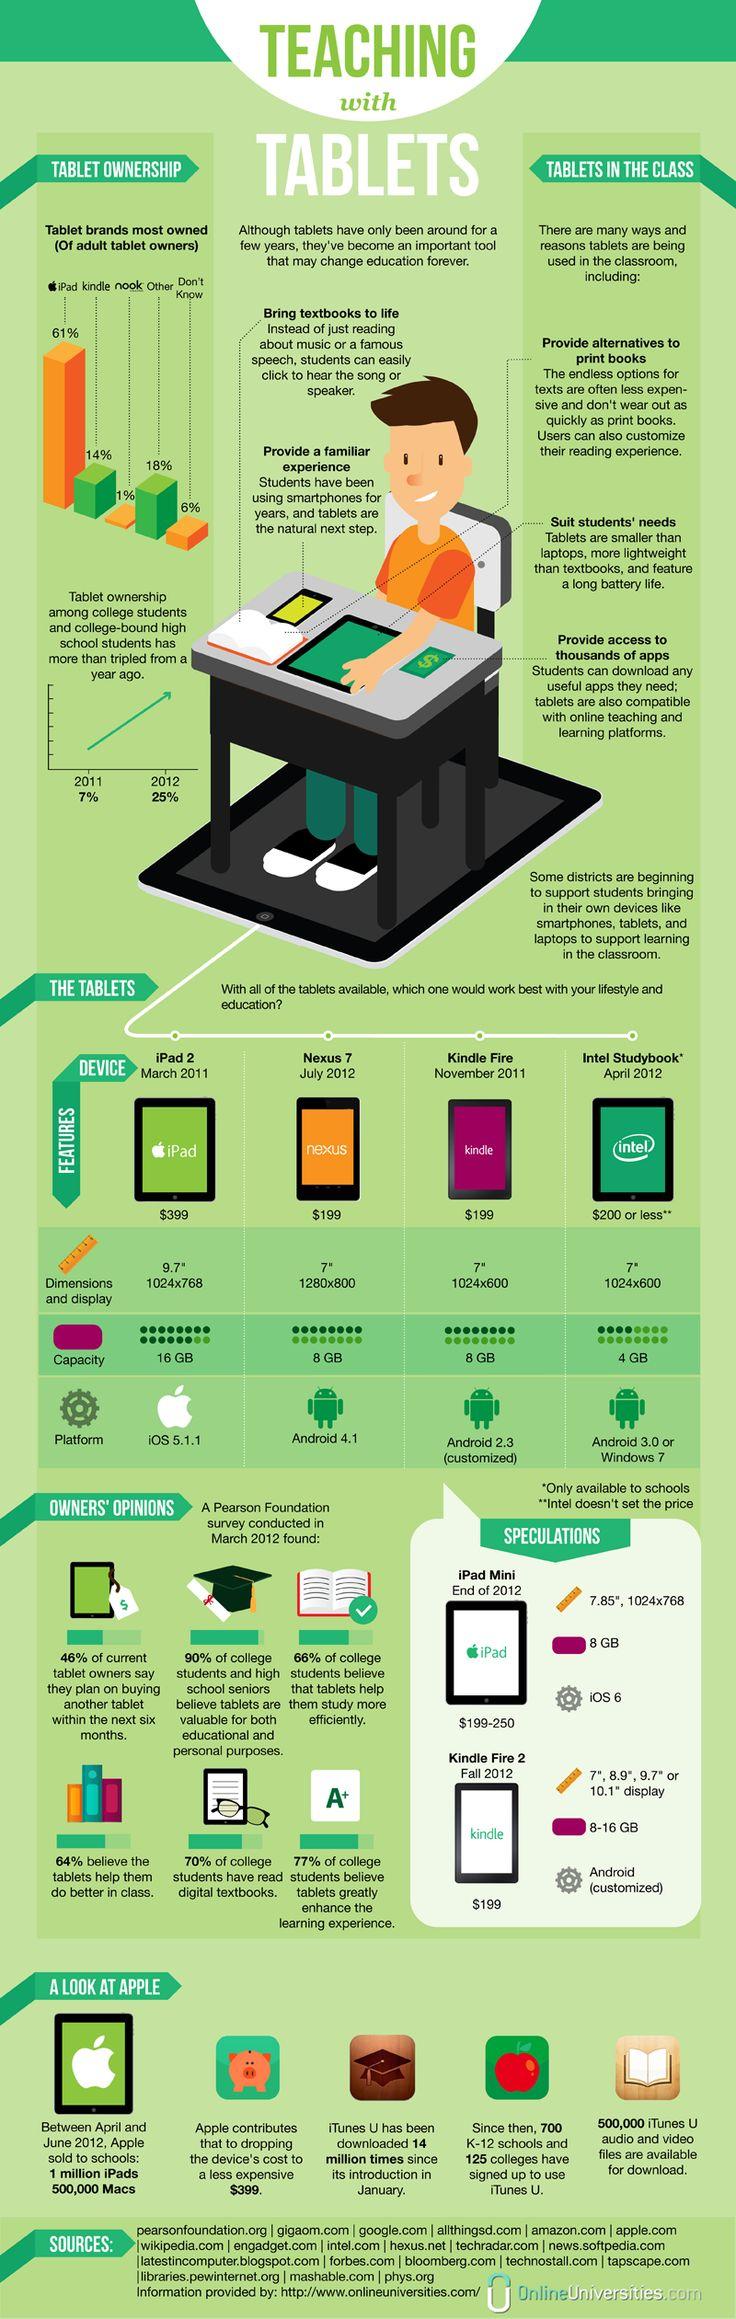 Enseñando con tablets #infografia #infographic #education